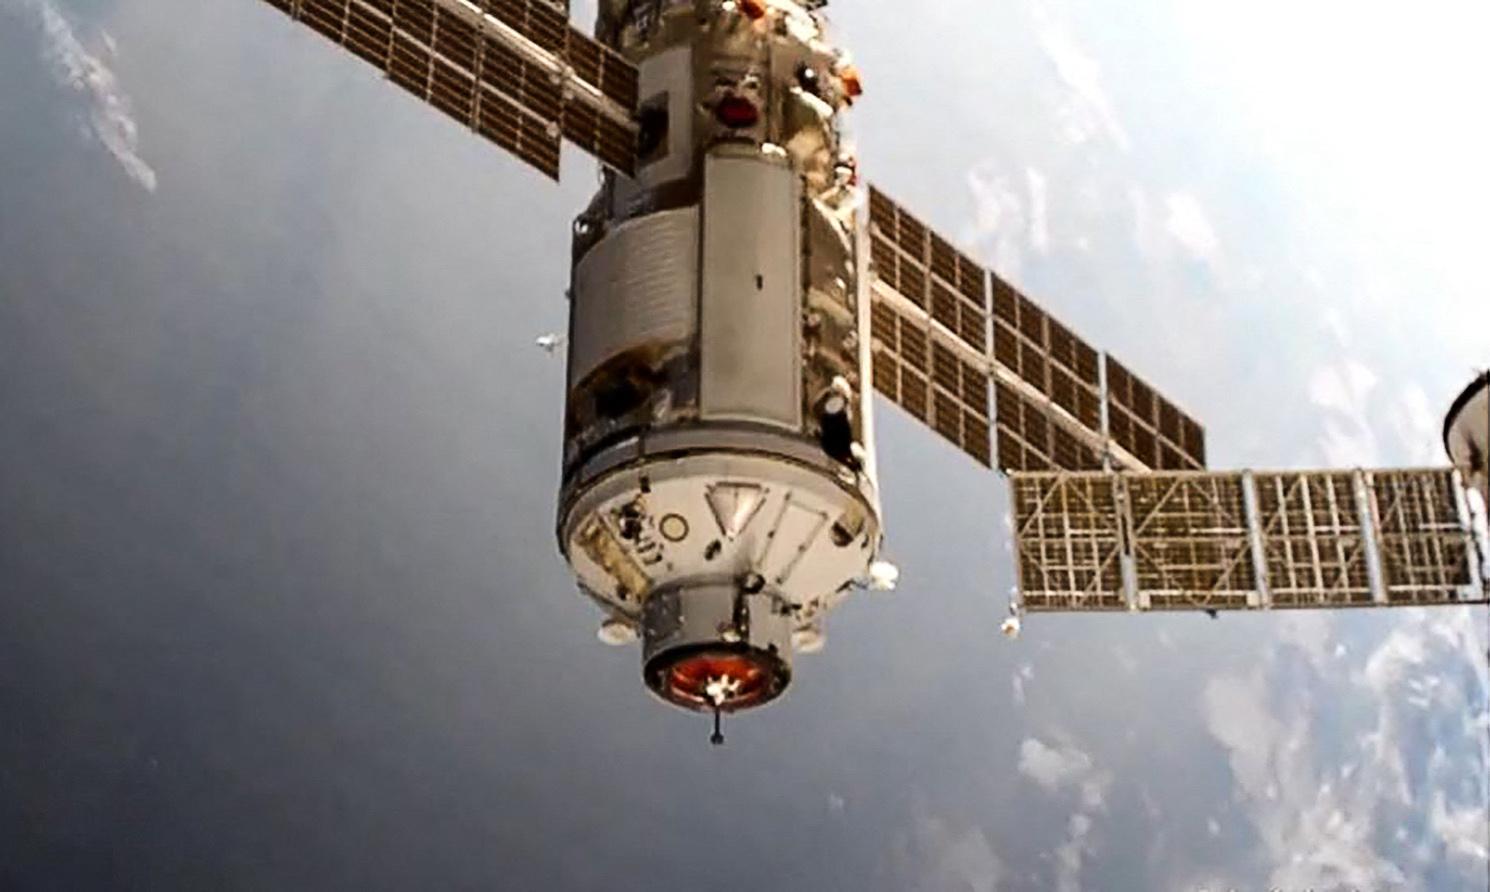 45 fokkal elmozdult a Nemzetközi Űrállomás, miután váratlanul működésbe léptek az orosz egység hajtóművei